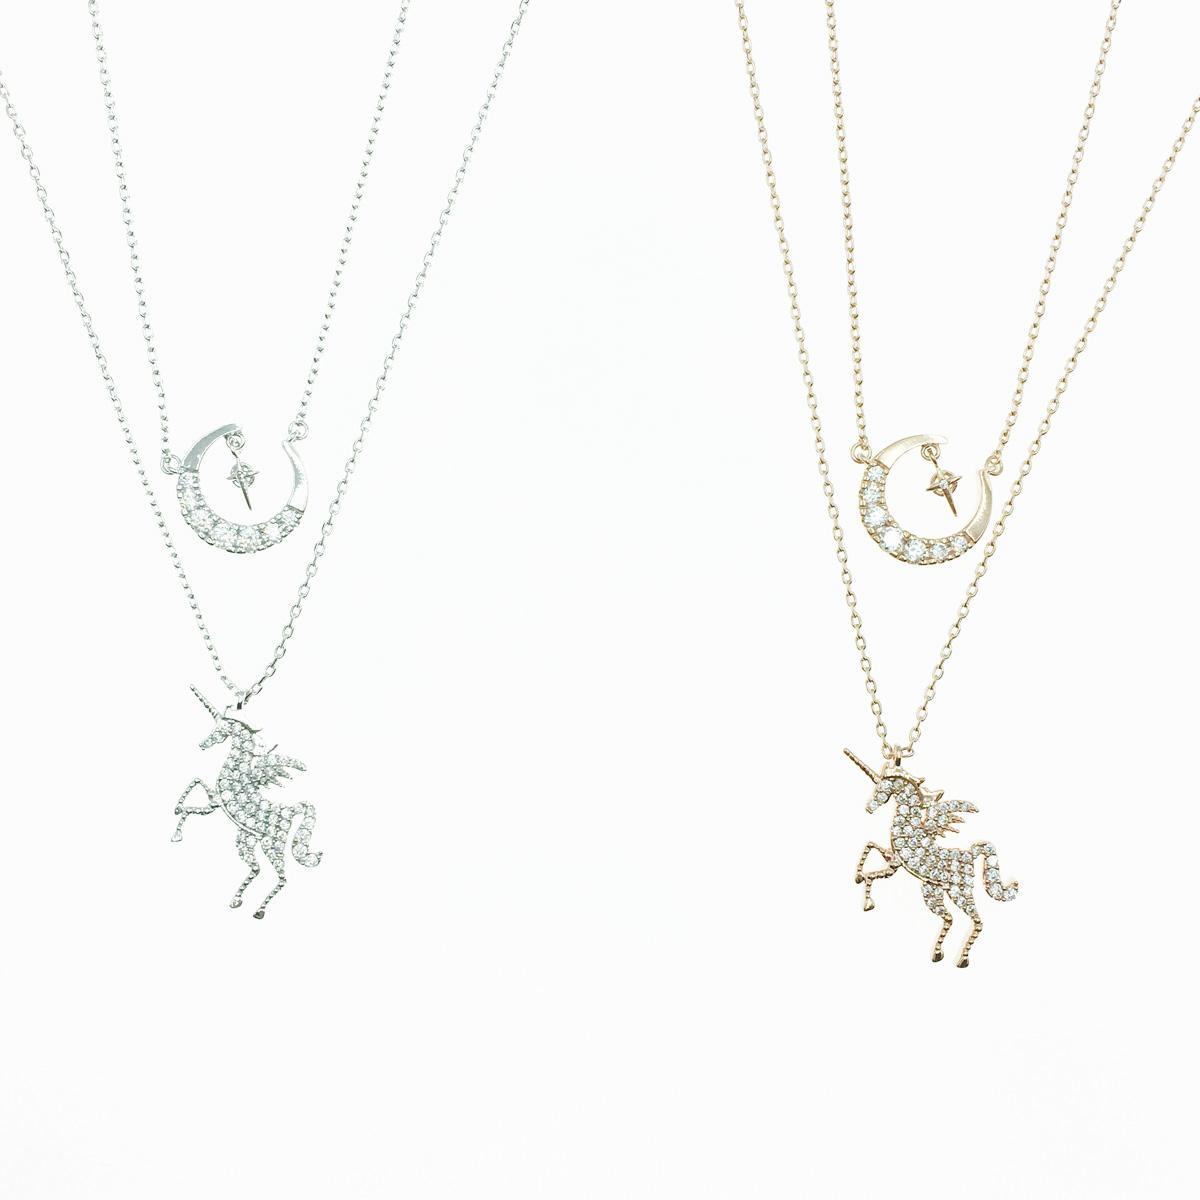 韓國 925純銀 水鑽飛馬 馬蹄造型 2色 銀 玫瑰金 雙入組 質感項鍊